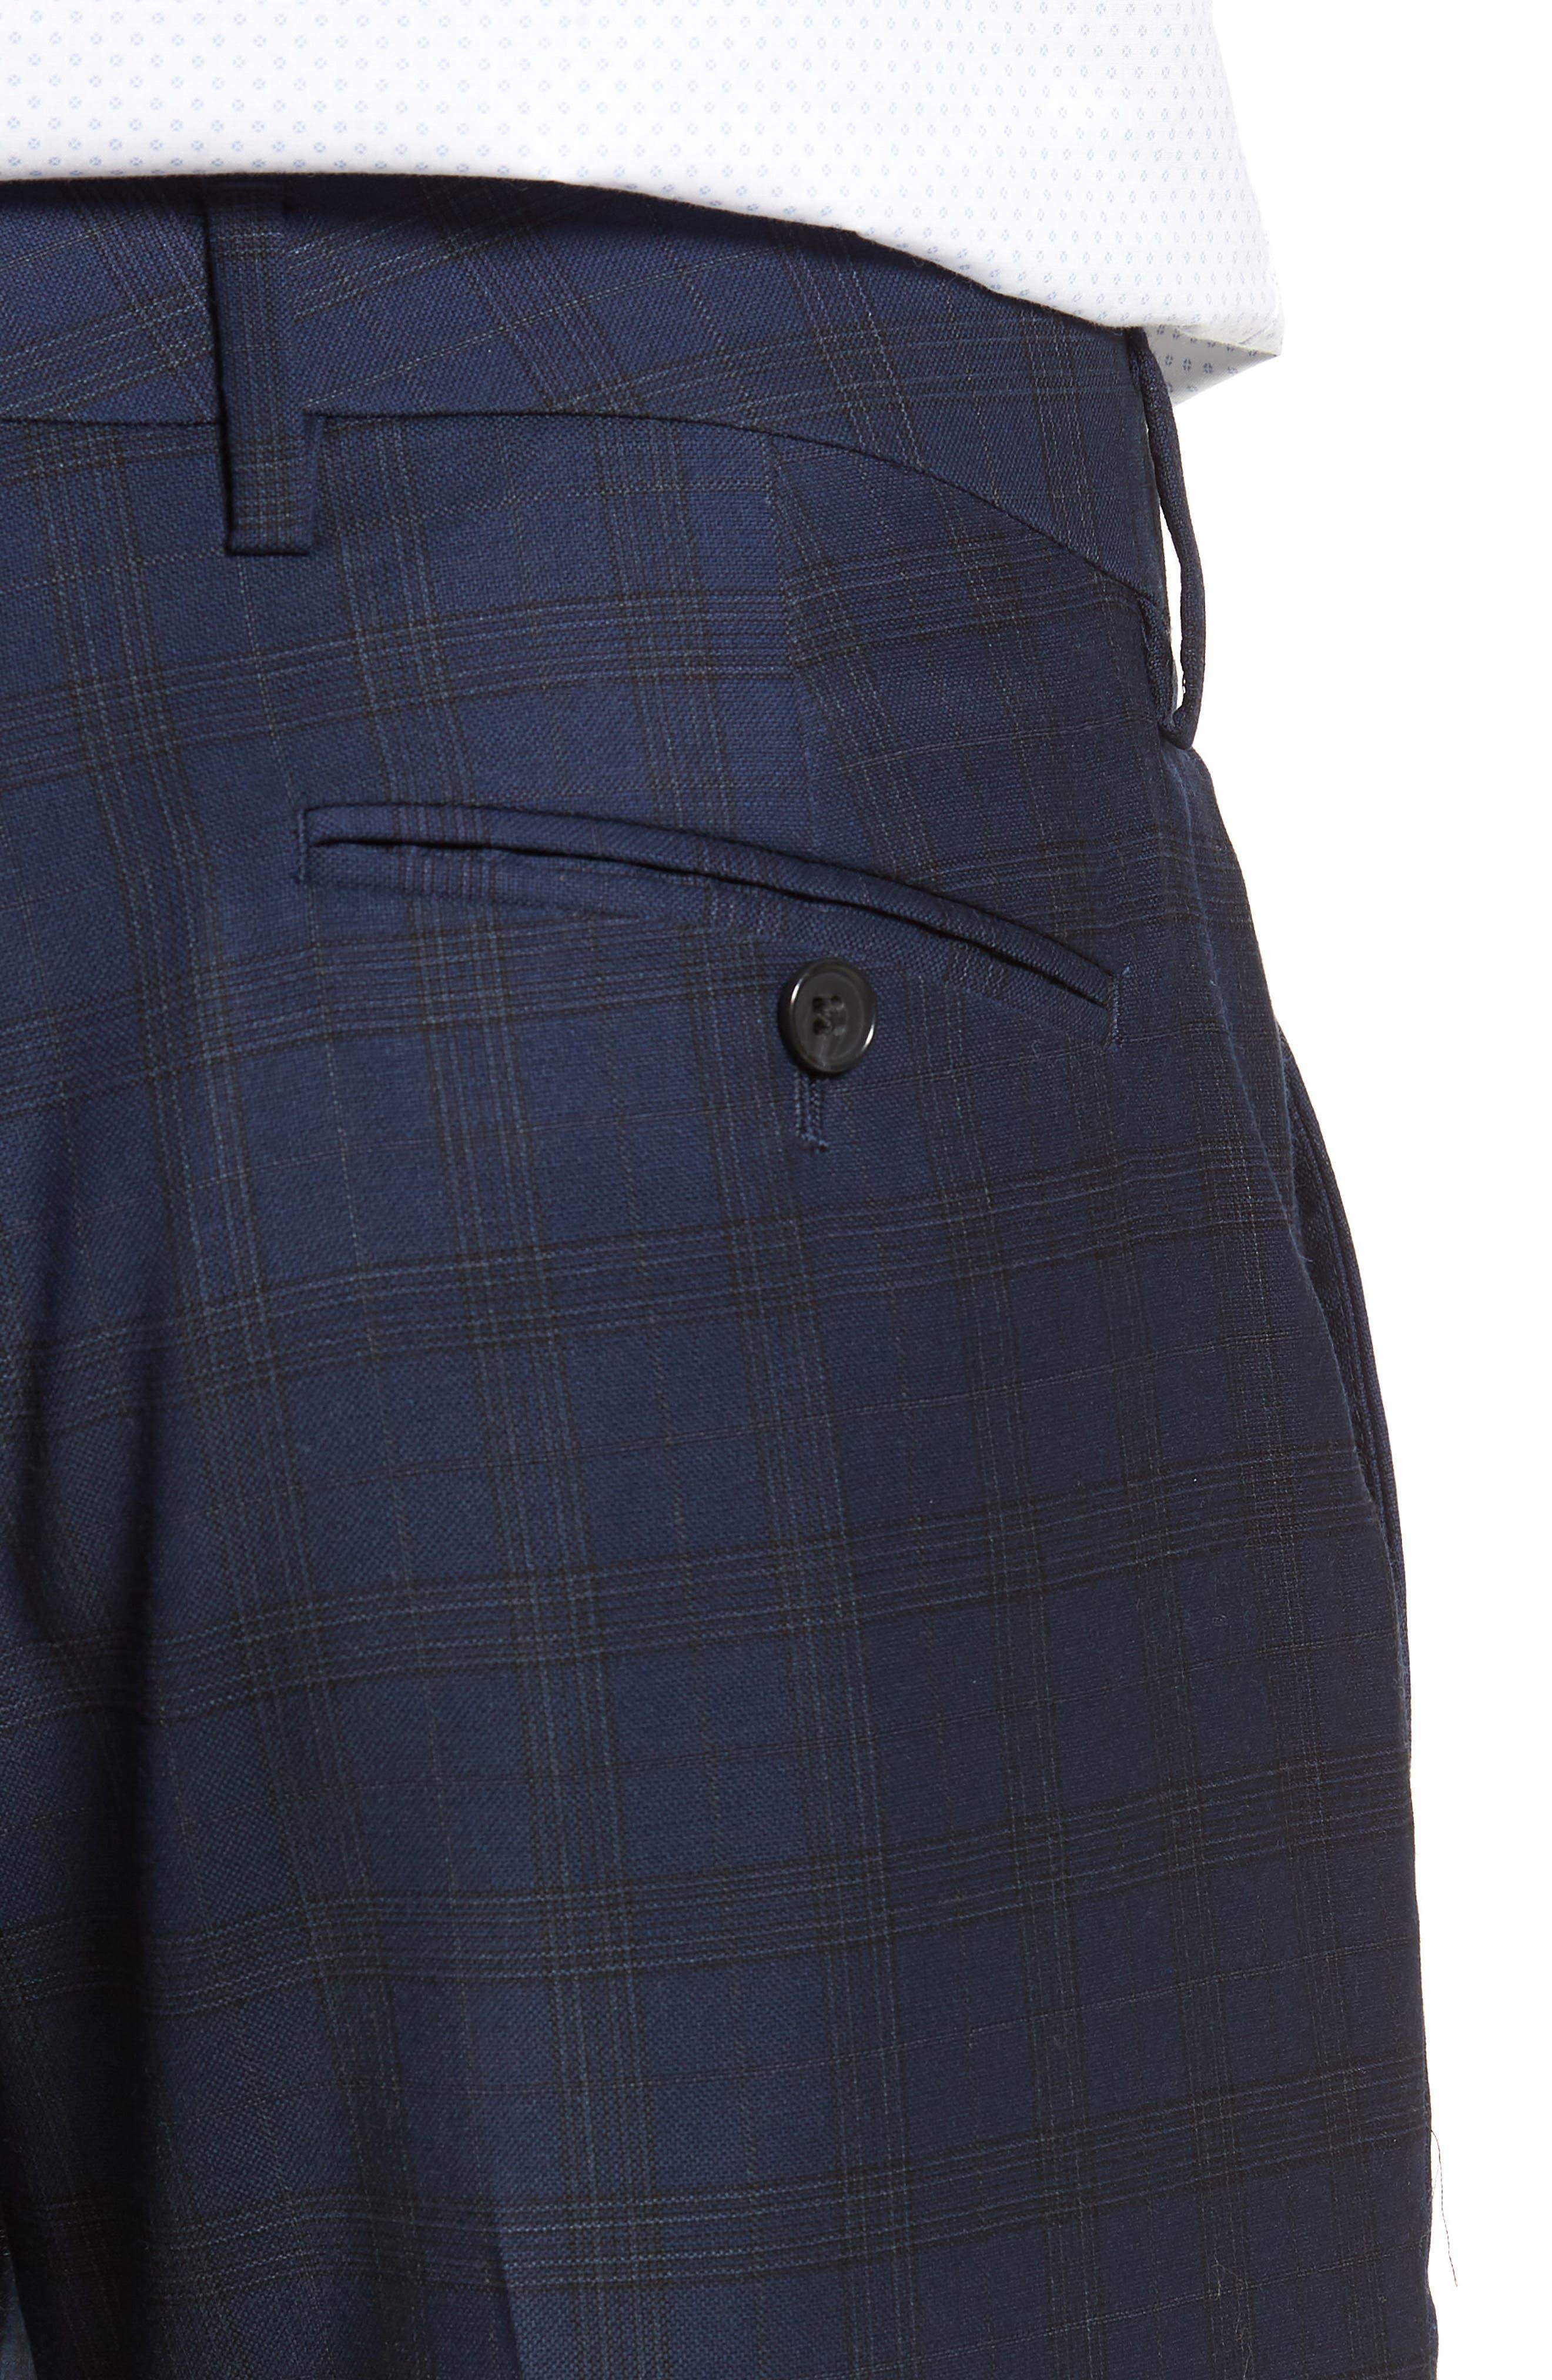 Jetsetter Slim Fit Stretch Suit Pants,                             Alternate thumbnail 4, color,                             SUBTLE NAVY PLAID